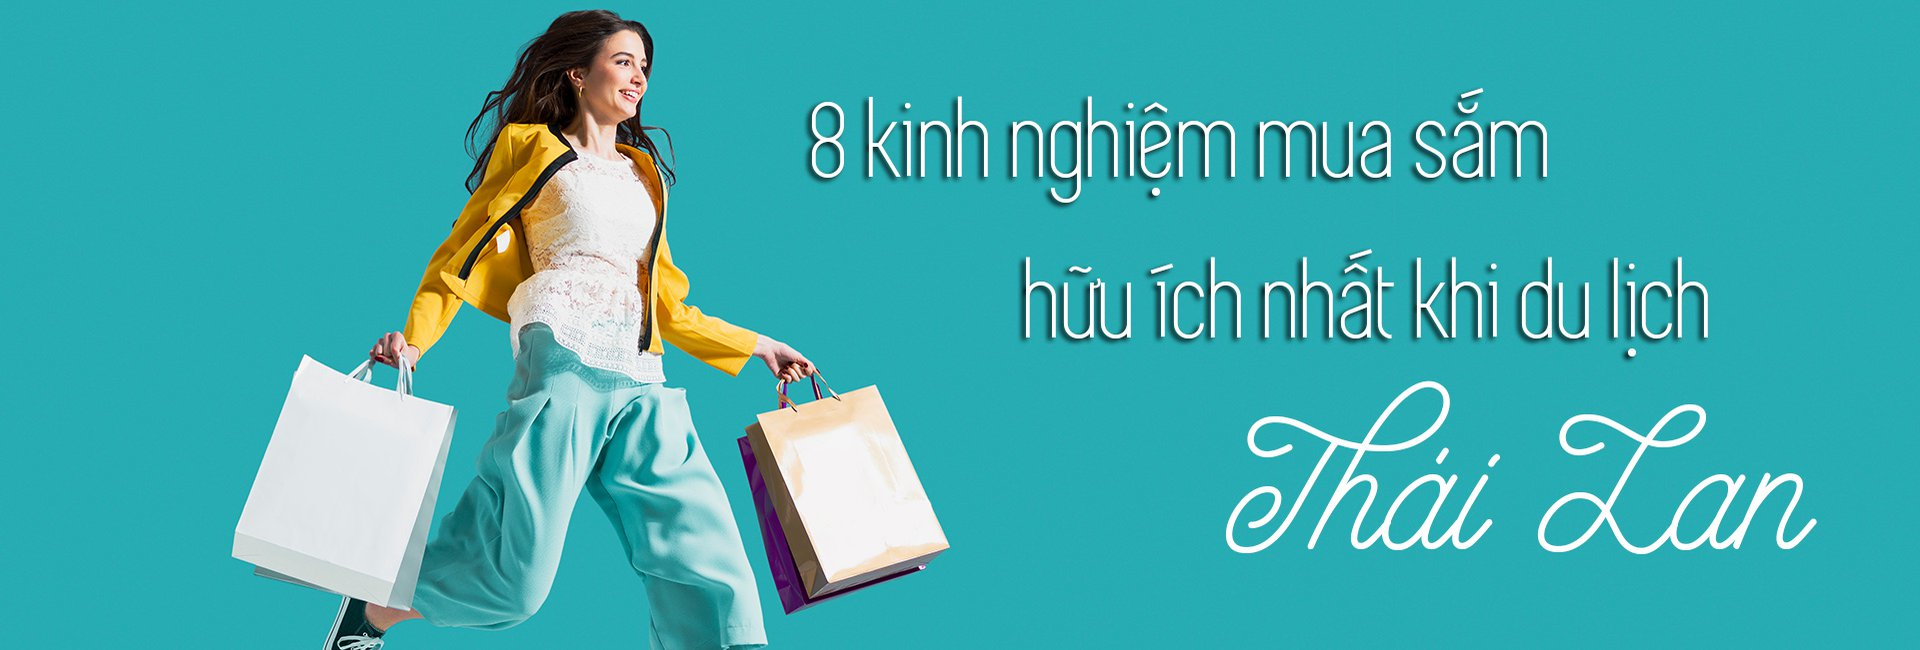 Top 8 kinh nghiệm mua sắm khi đi du lịch Thái Lan